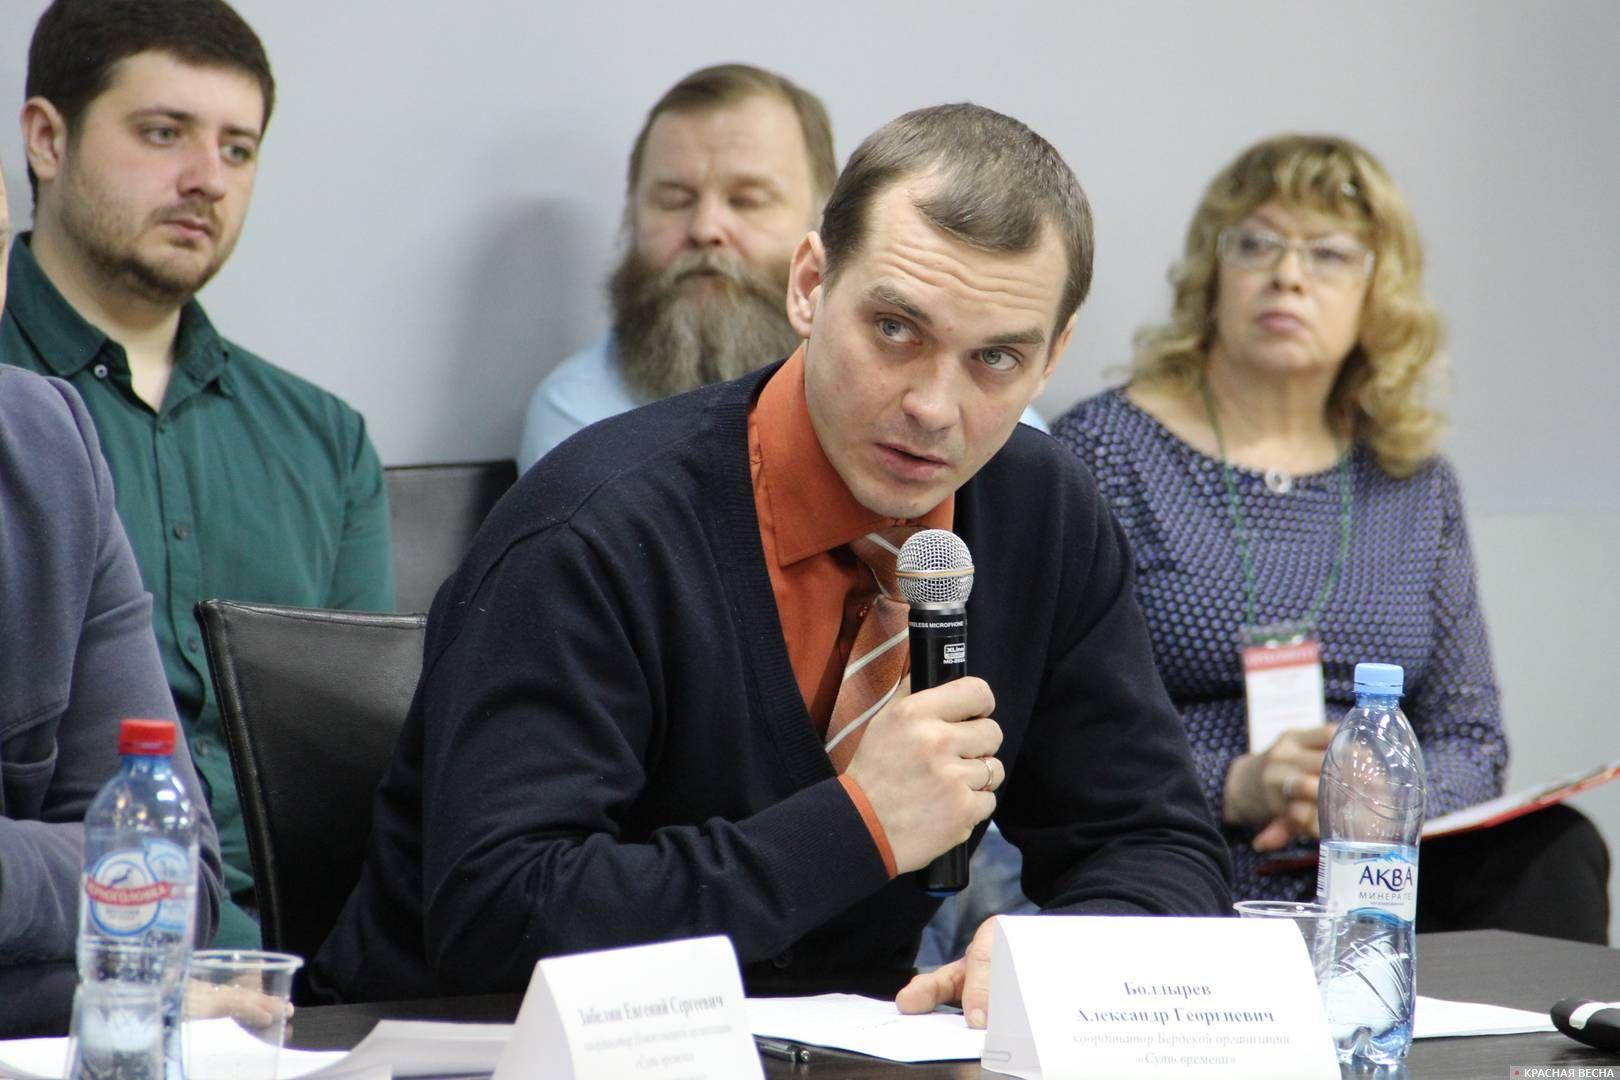 Александр Болдырев на круглом столе «Пенсионная реформа и реформа здравоохранения— две грани отказа государства от социальных гарантий»